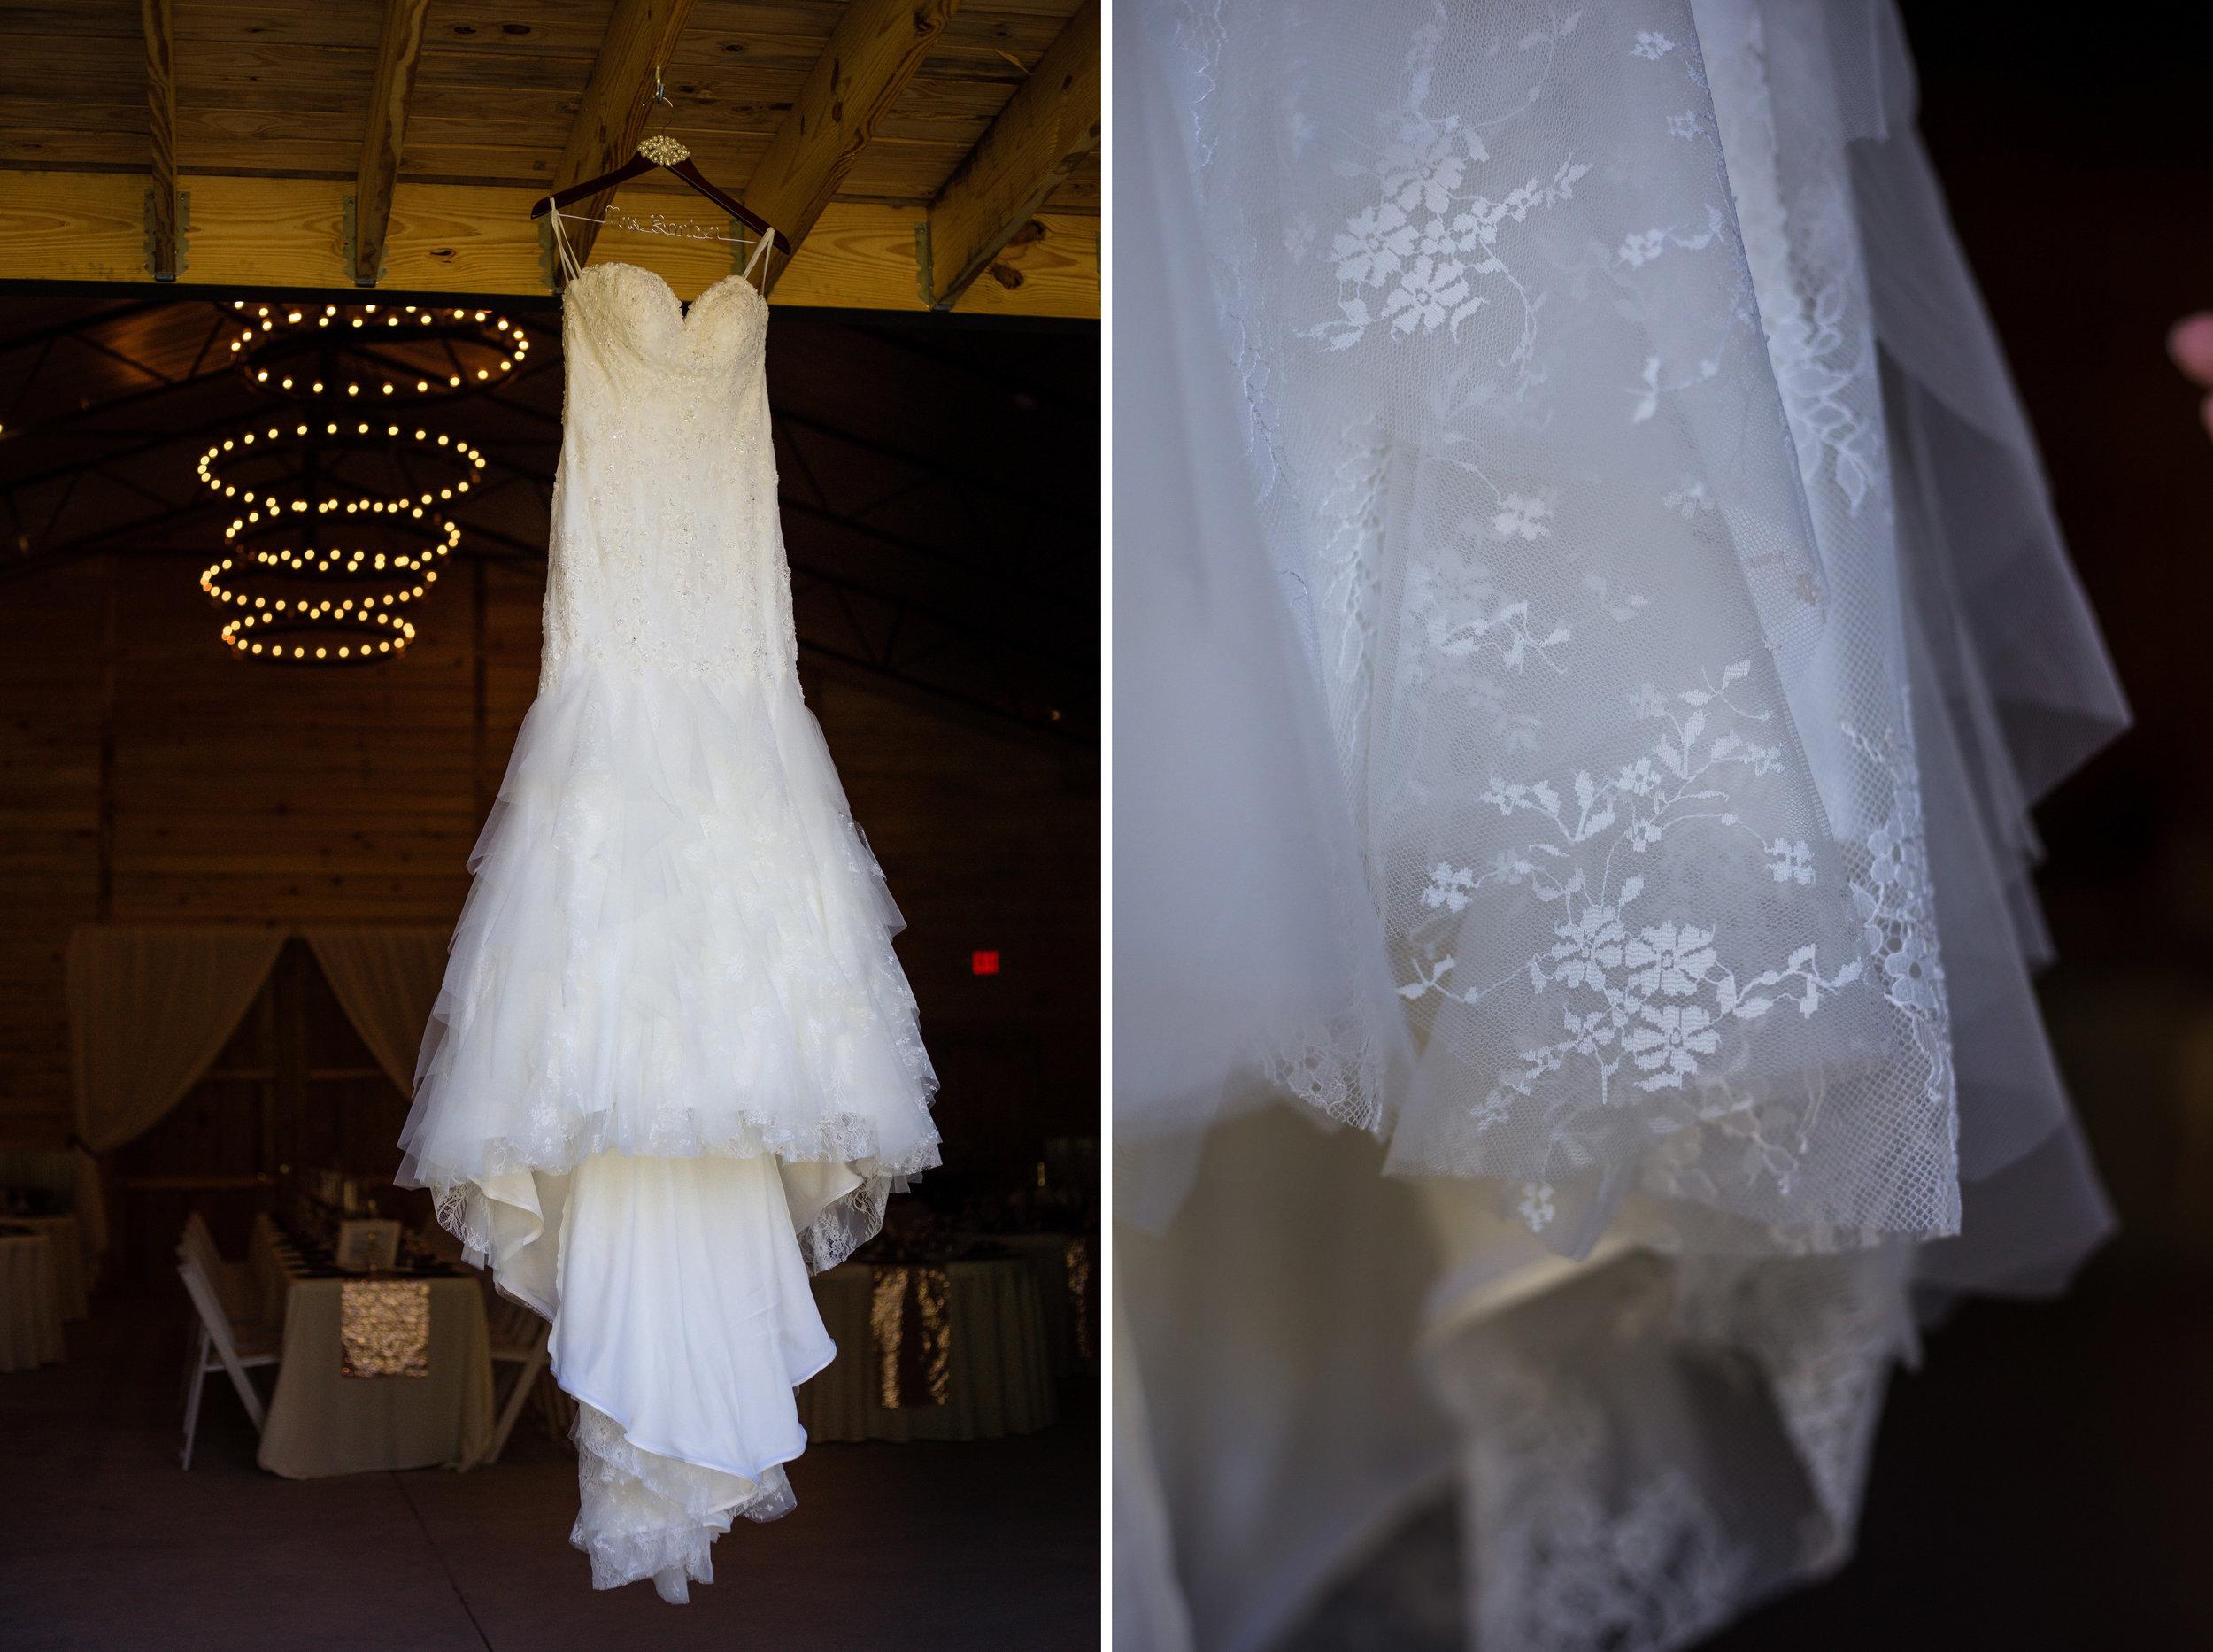 Barn-Wedding-Ates-Ranch-Wedding-Photo-Photography-Video-Videography-Pensacola-Florida-Courtney-Clint-5.jpg